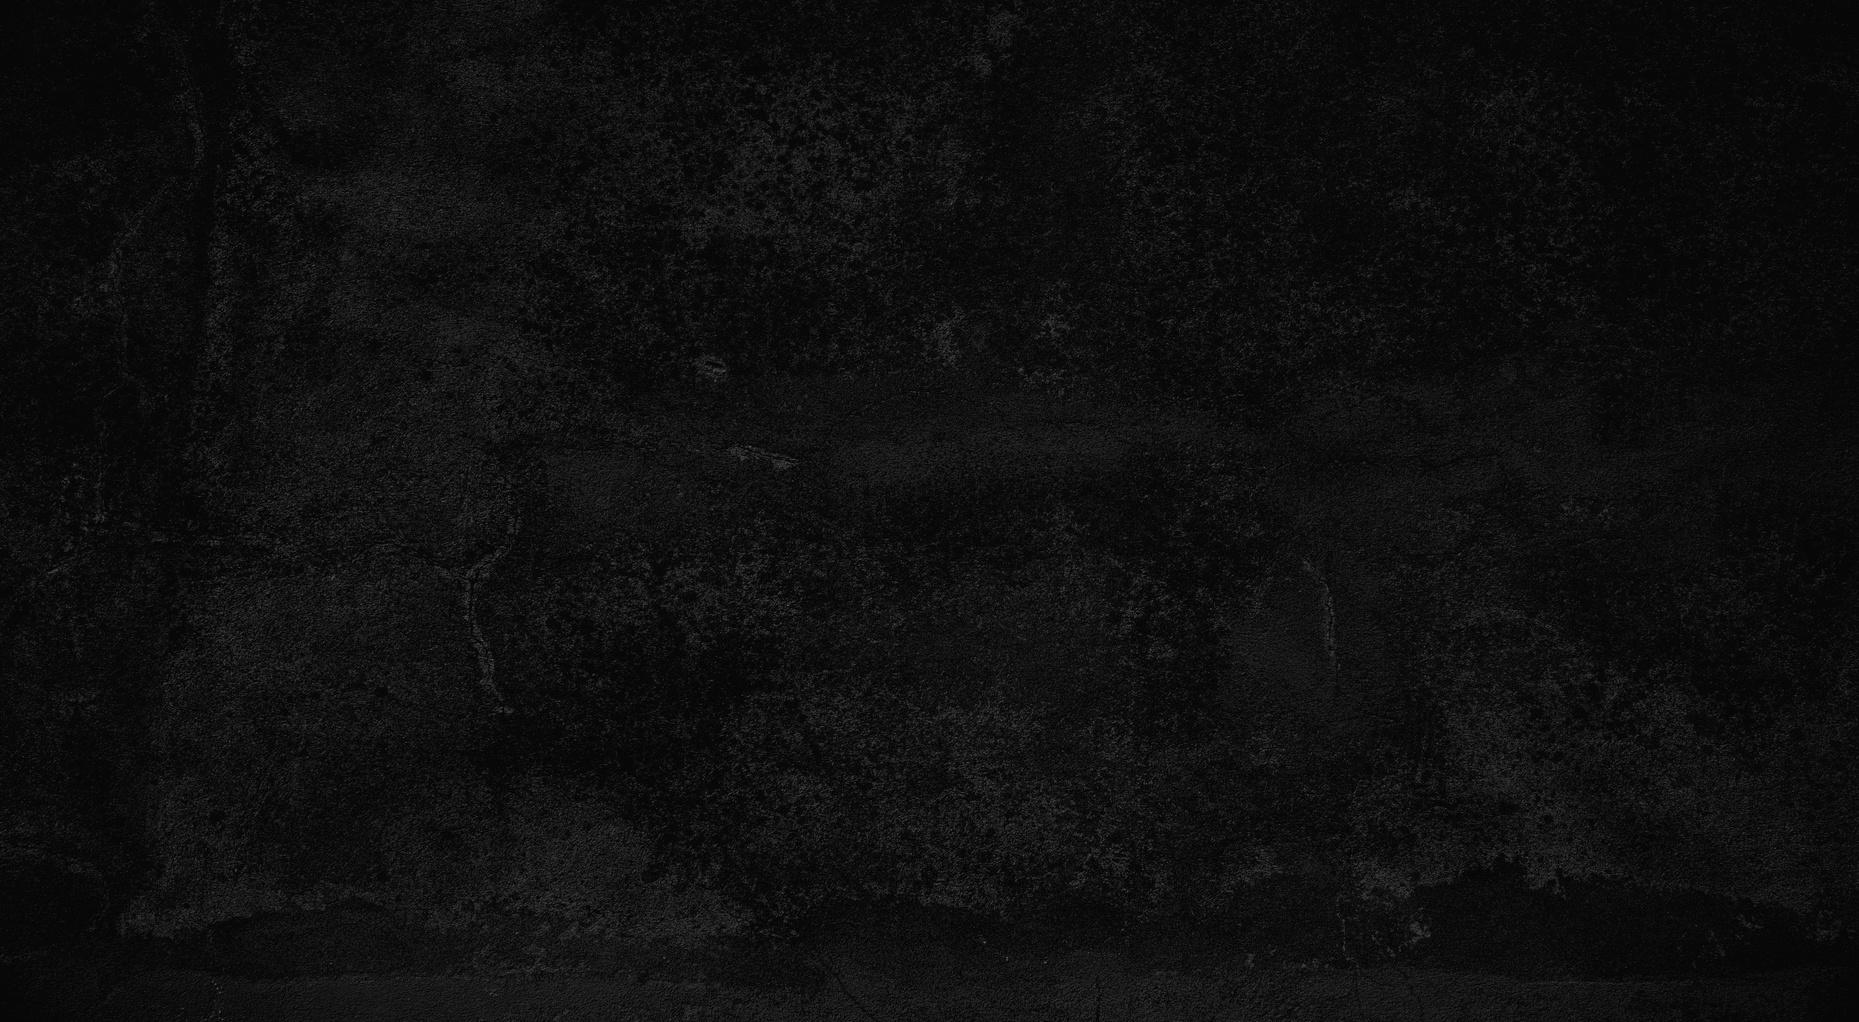 Linkin-Park-Sänger begeht Selbstmord